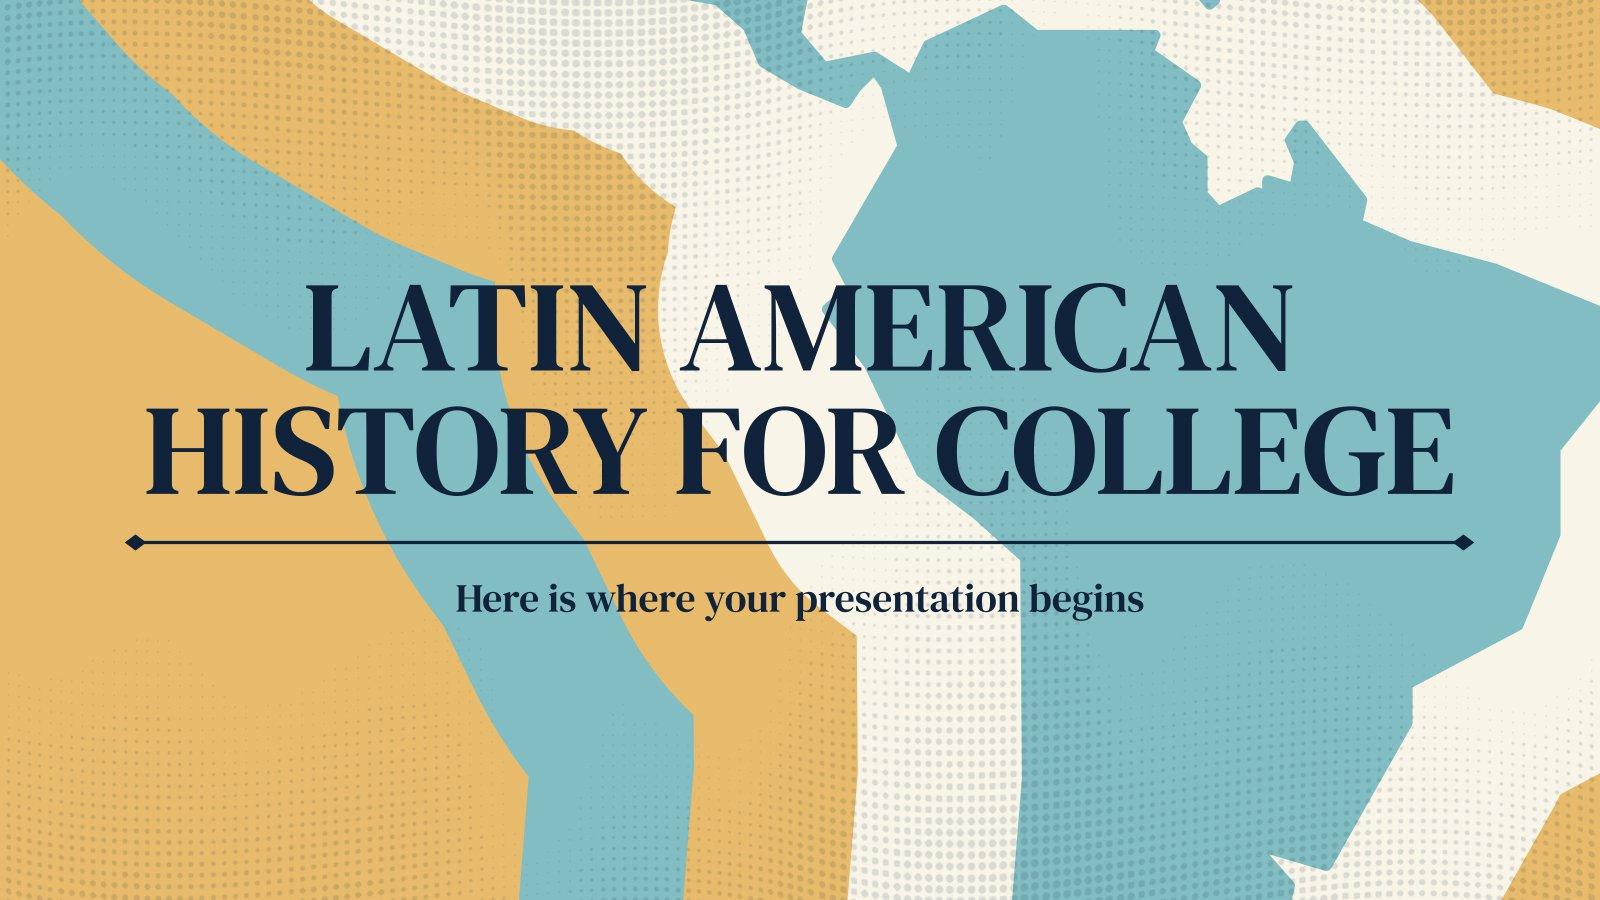 Modelo de apresentação História da América Latina para a faculdade